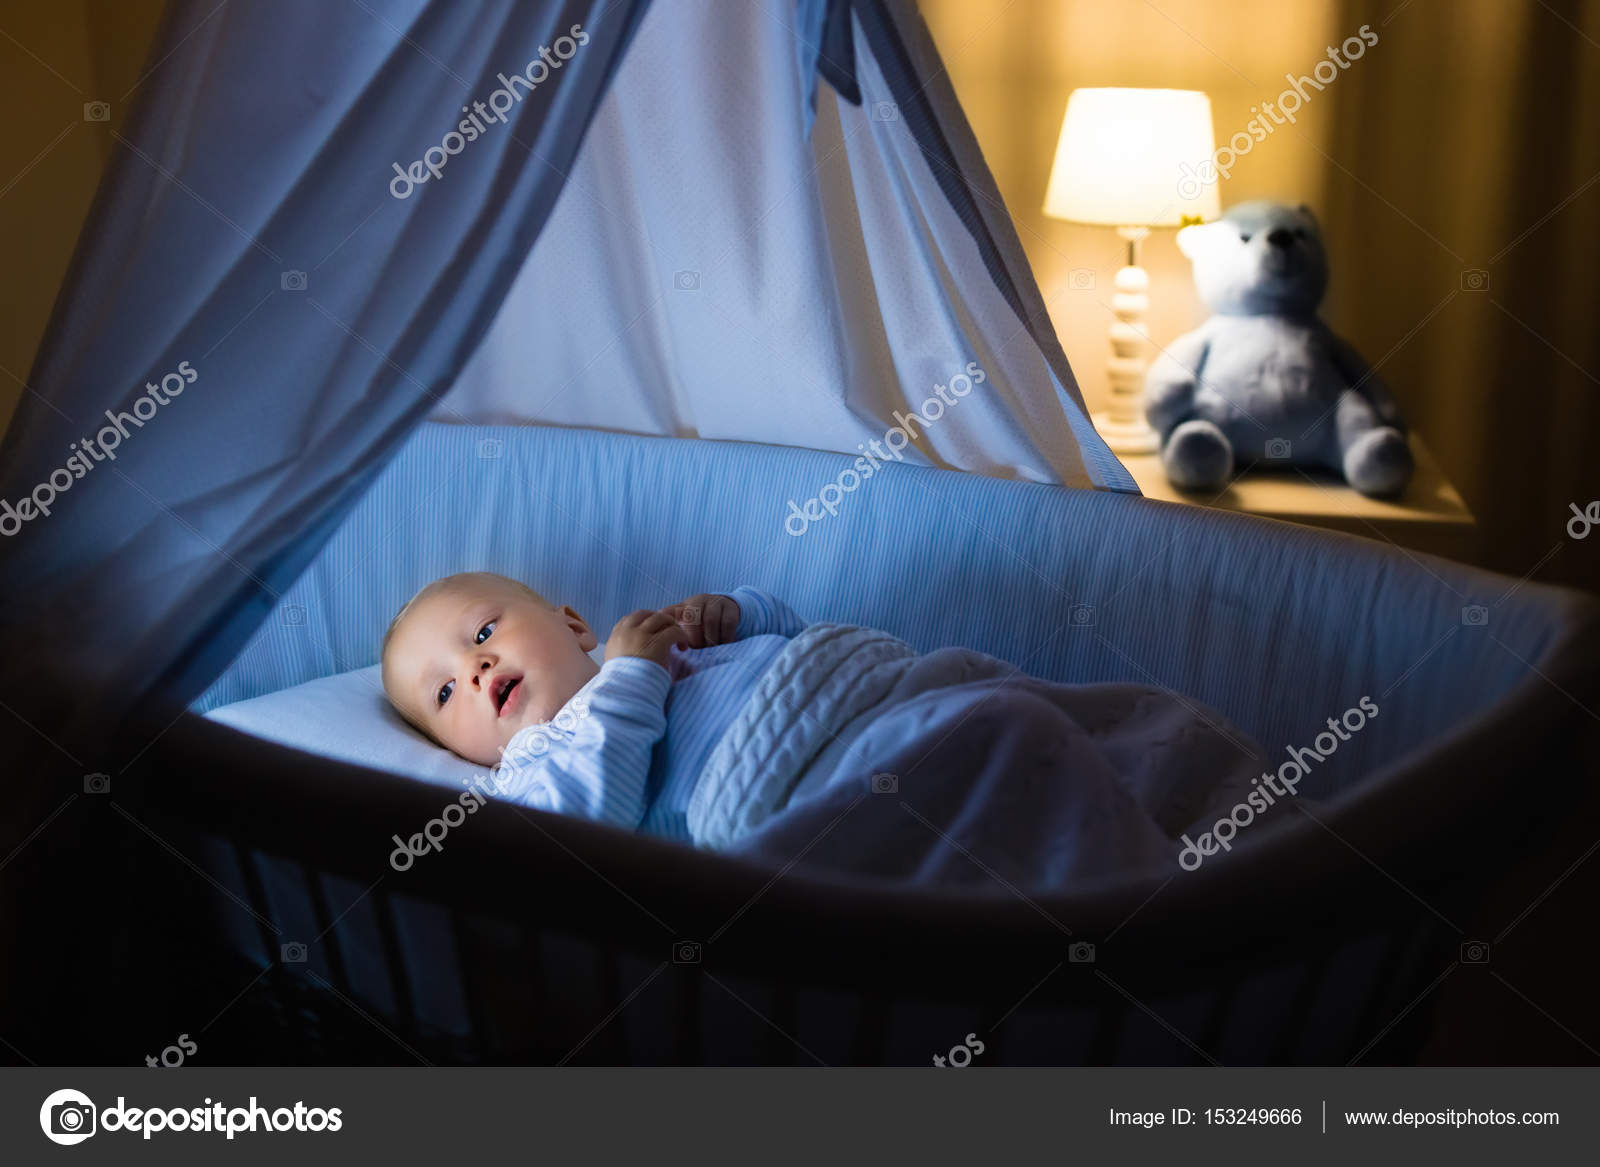 Baby boy konsummilch im bett u2014 stockfoto © famveldman #153249666